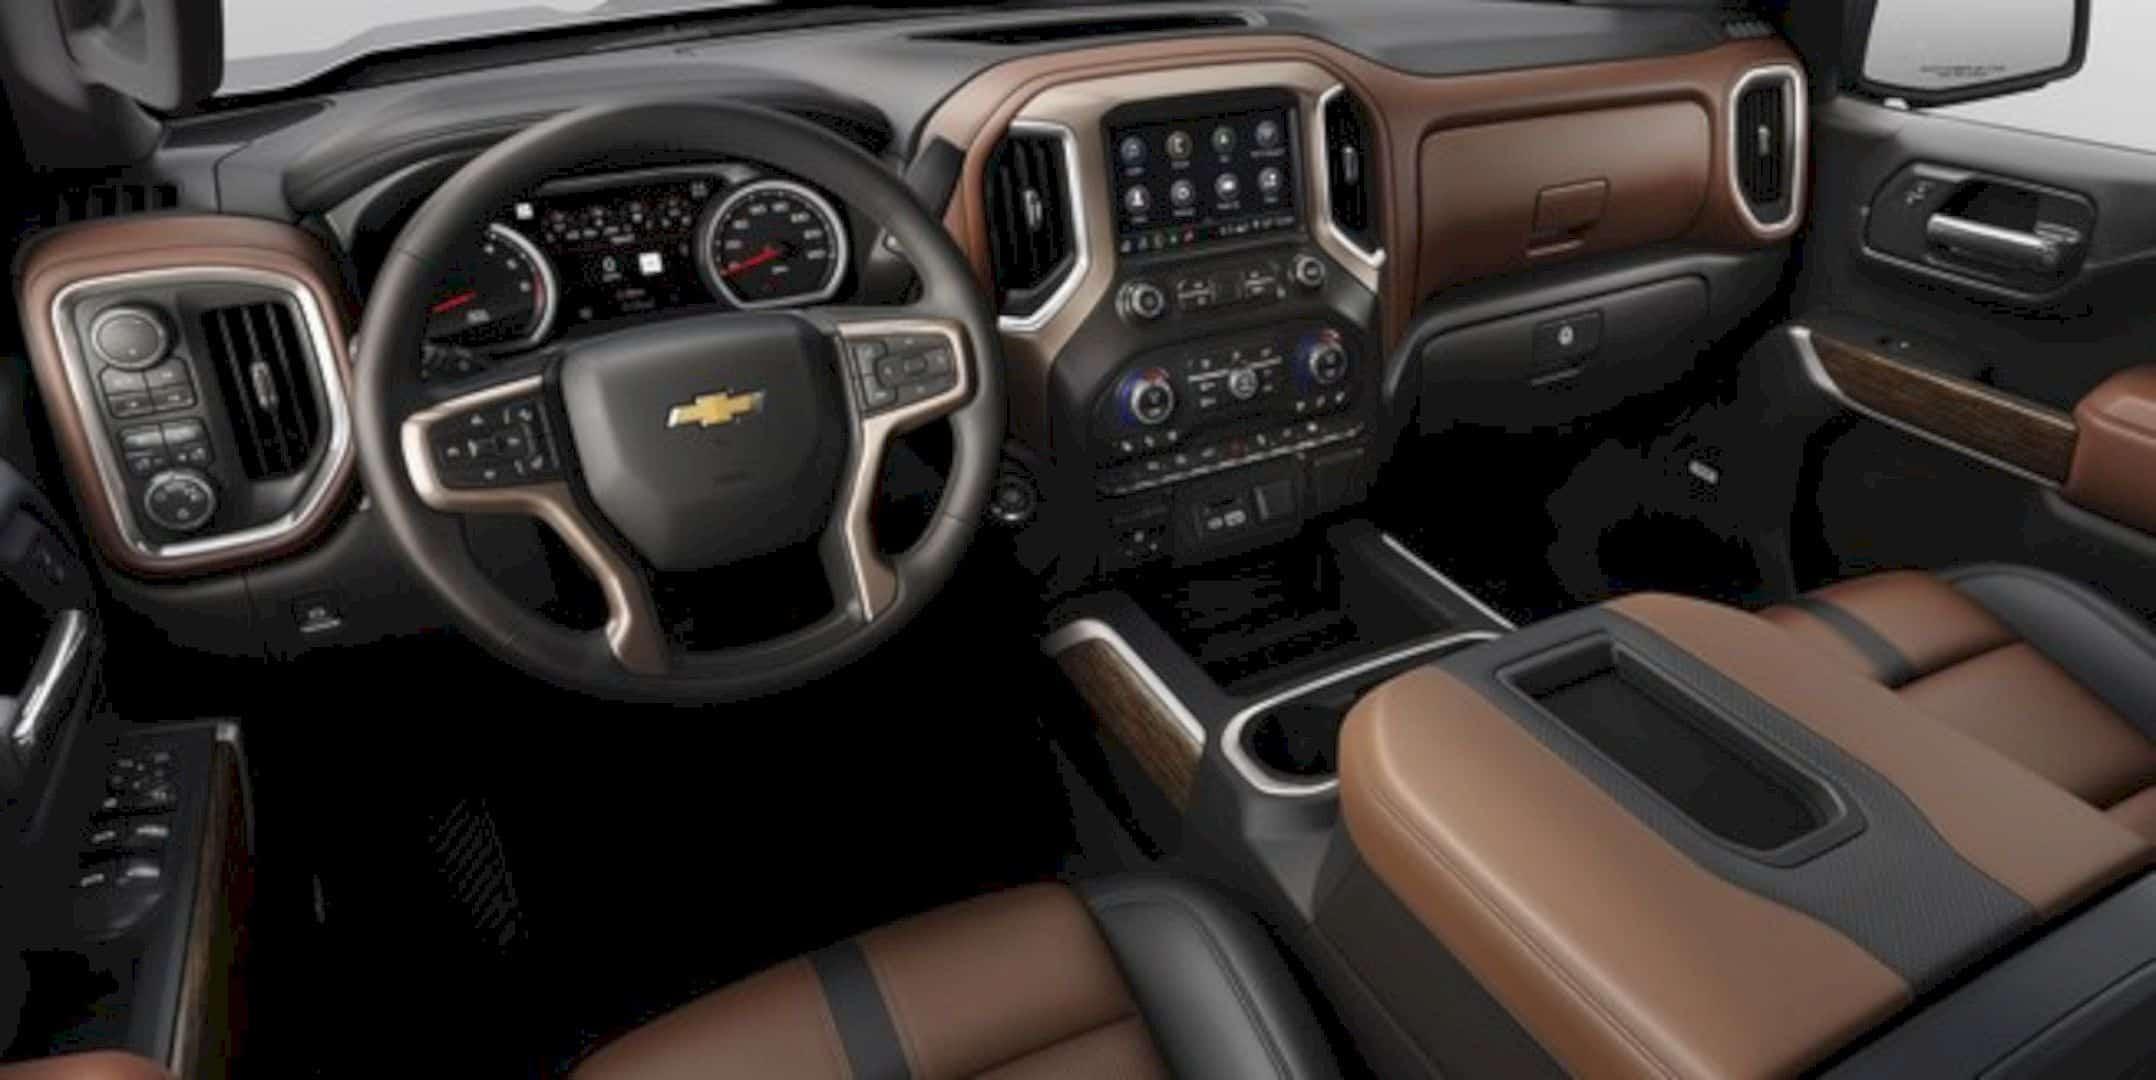 The All New 2019 Chevrolet Silverado 5